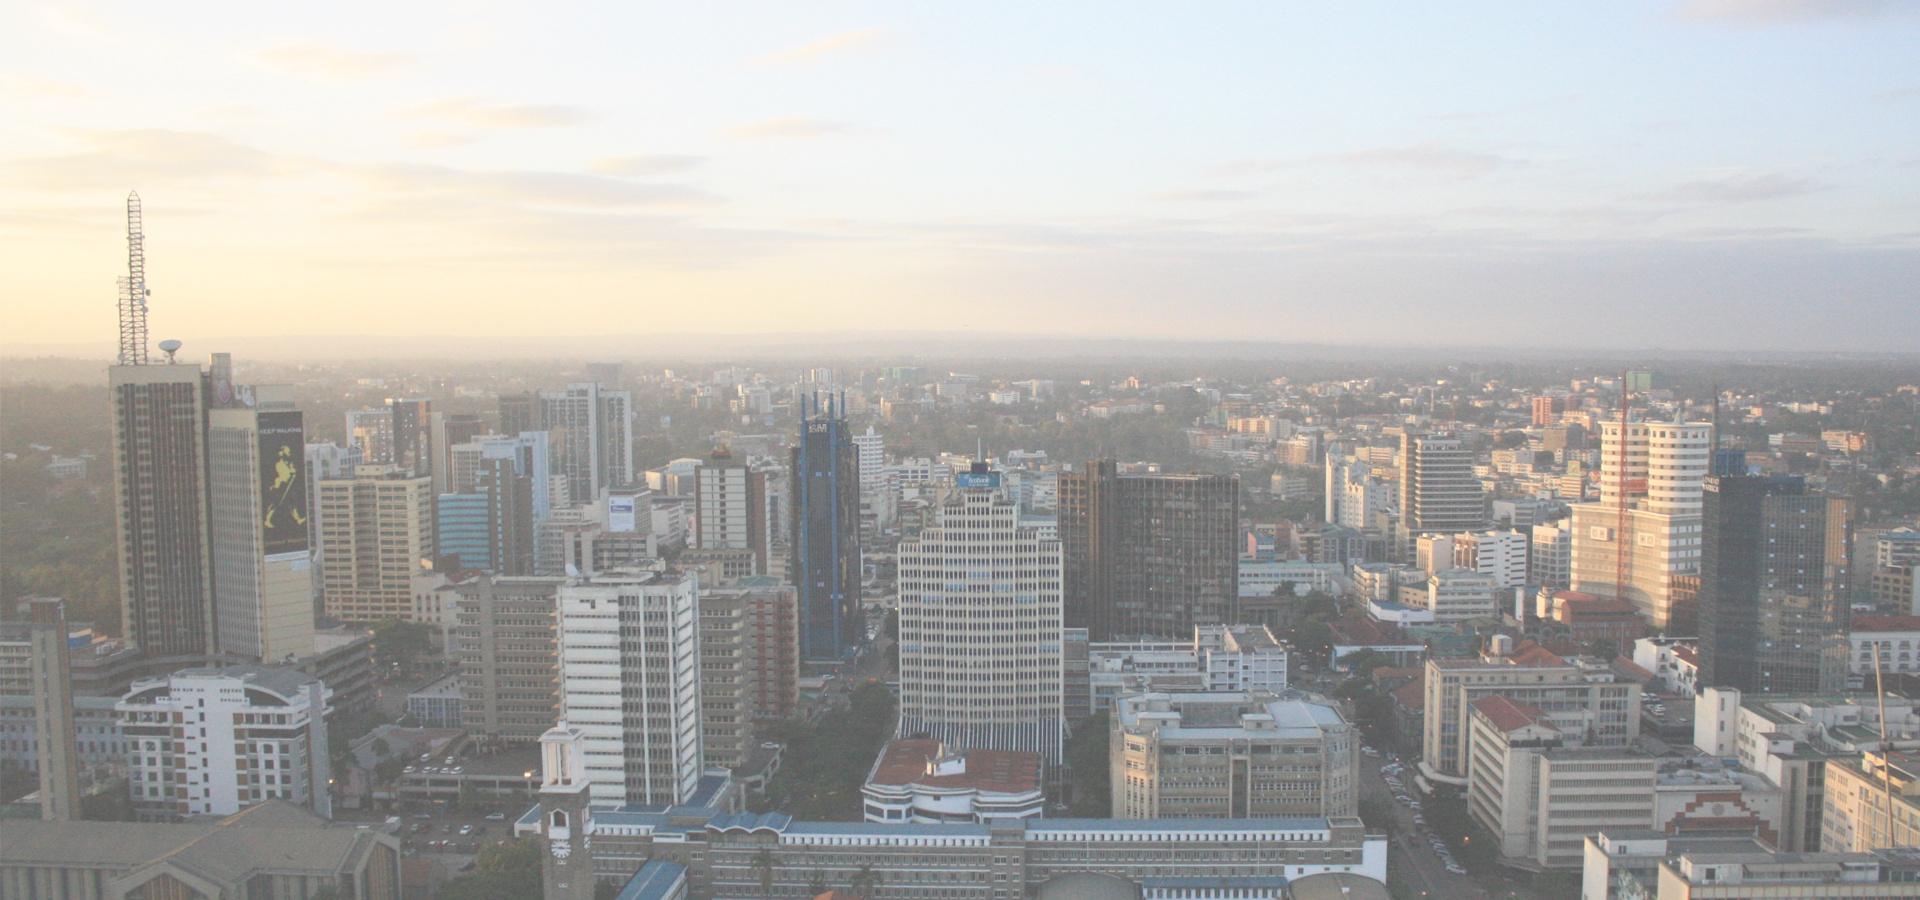 Peer-to-peer advisory in Nairobi, Kenya